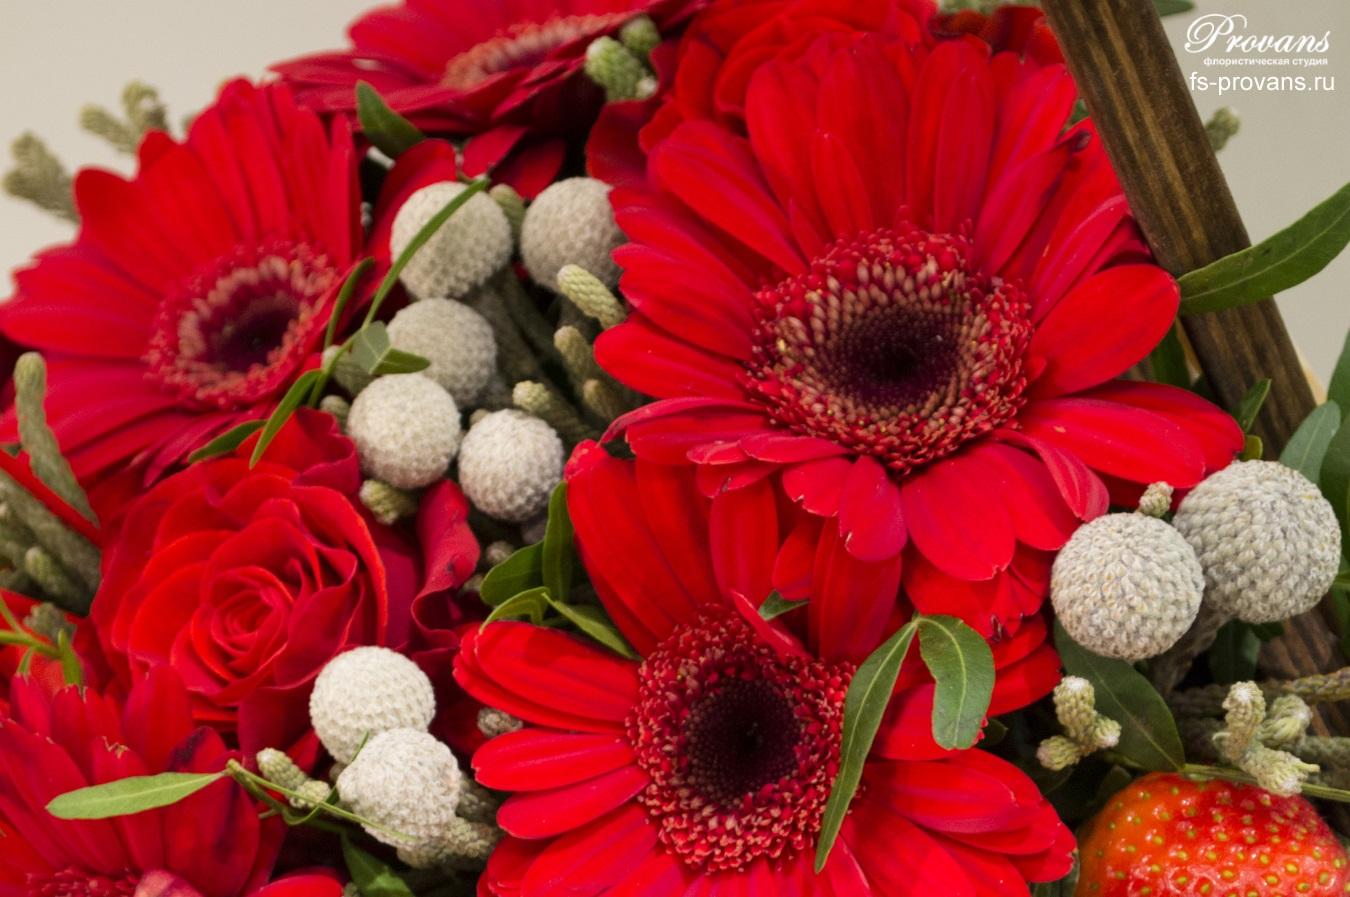 Композиция для влюбленных. Герберы, розы и клубника